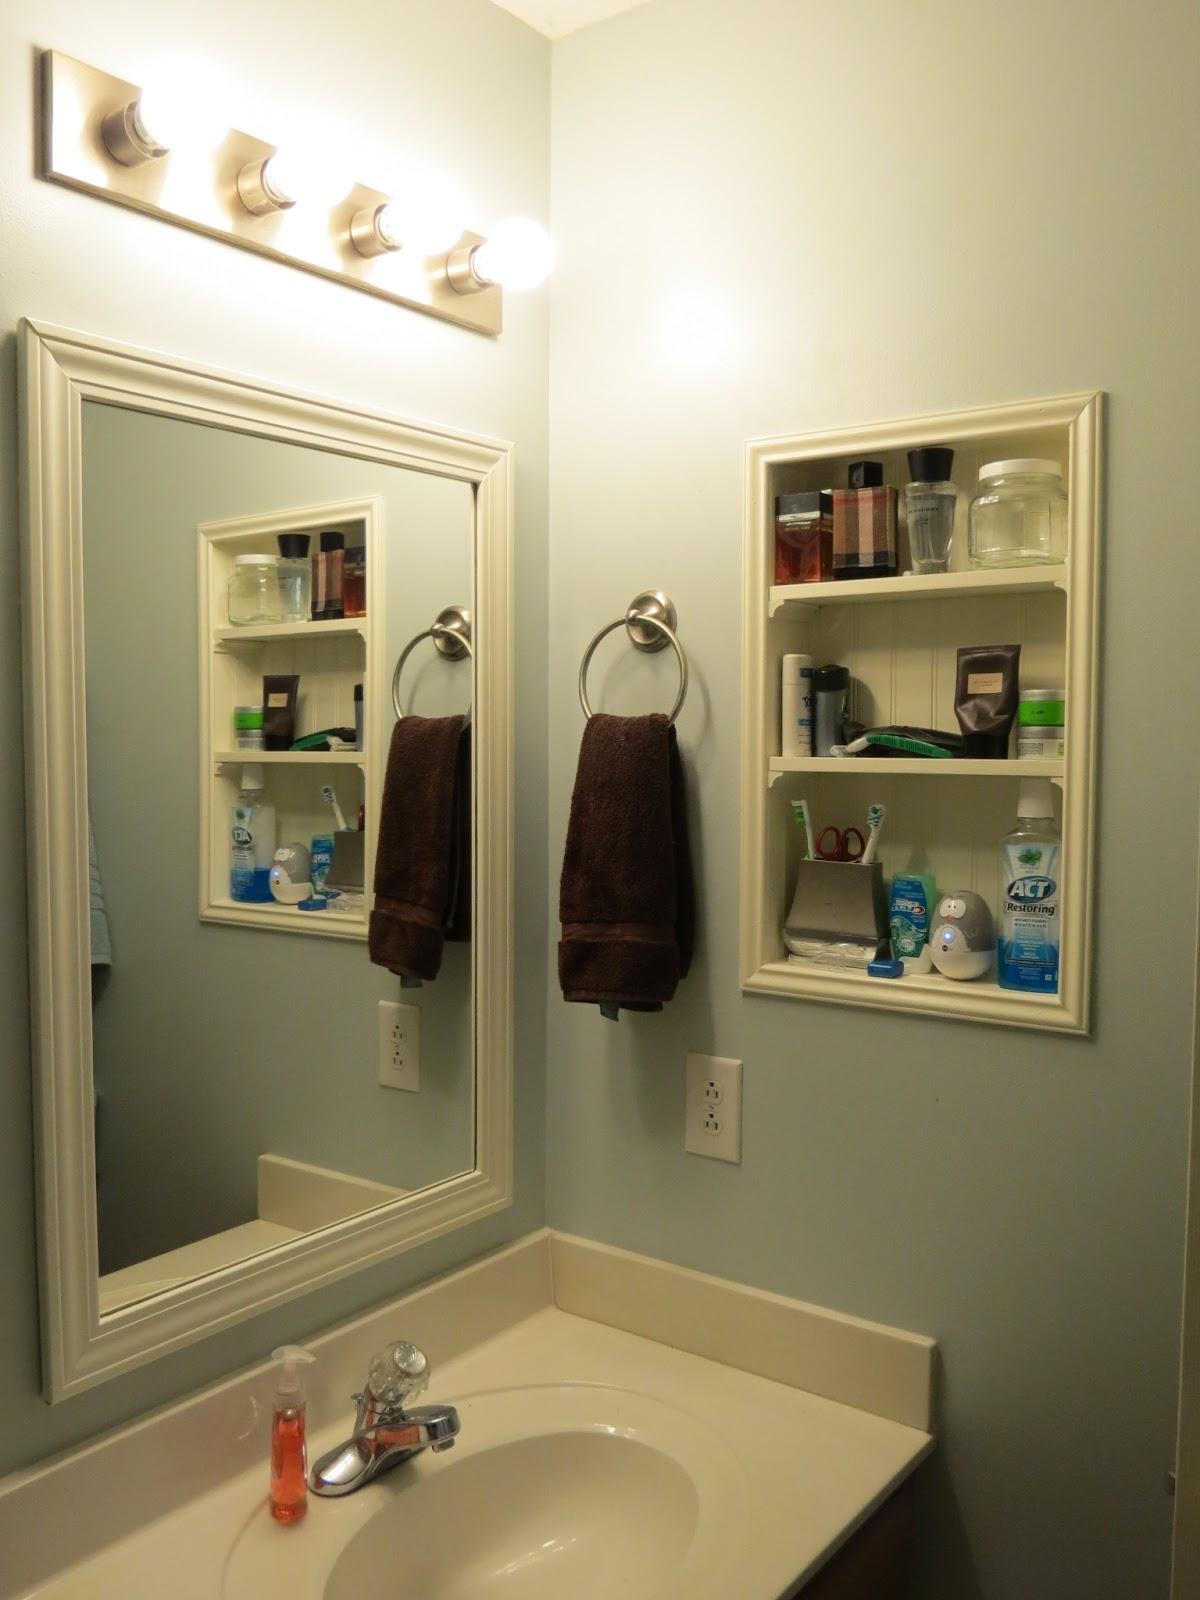 shelves between studs